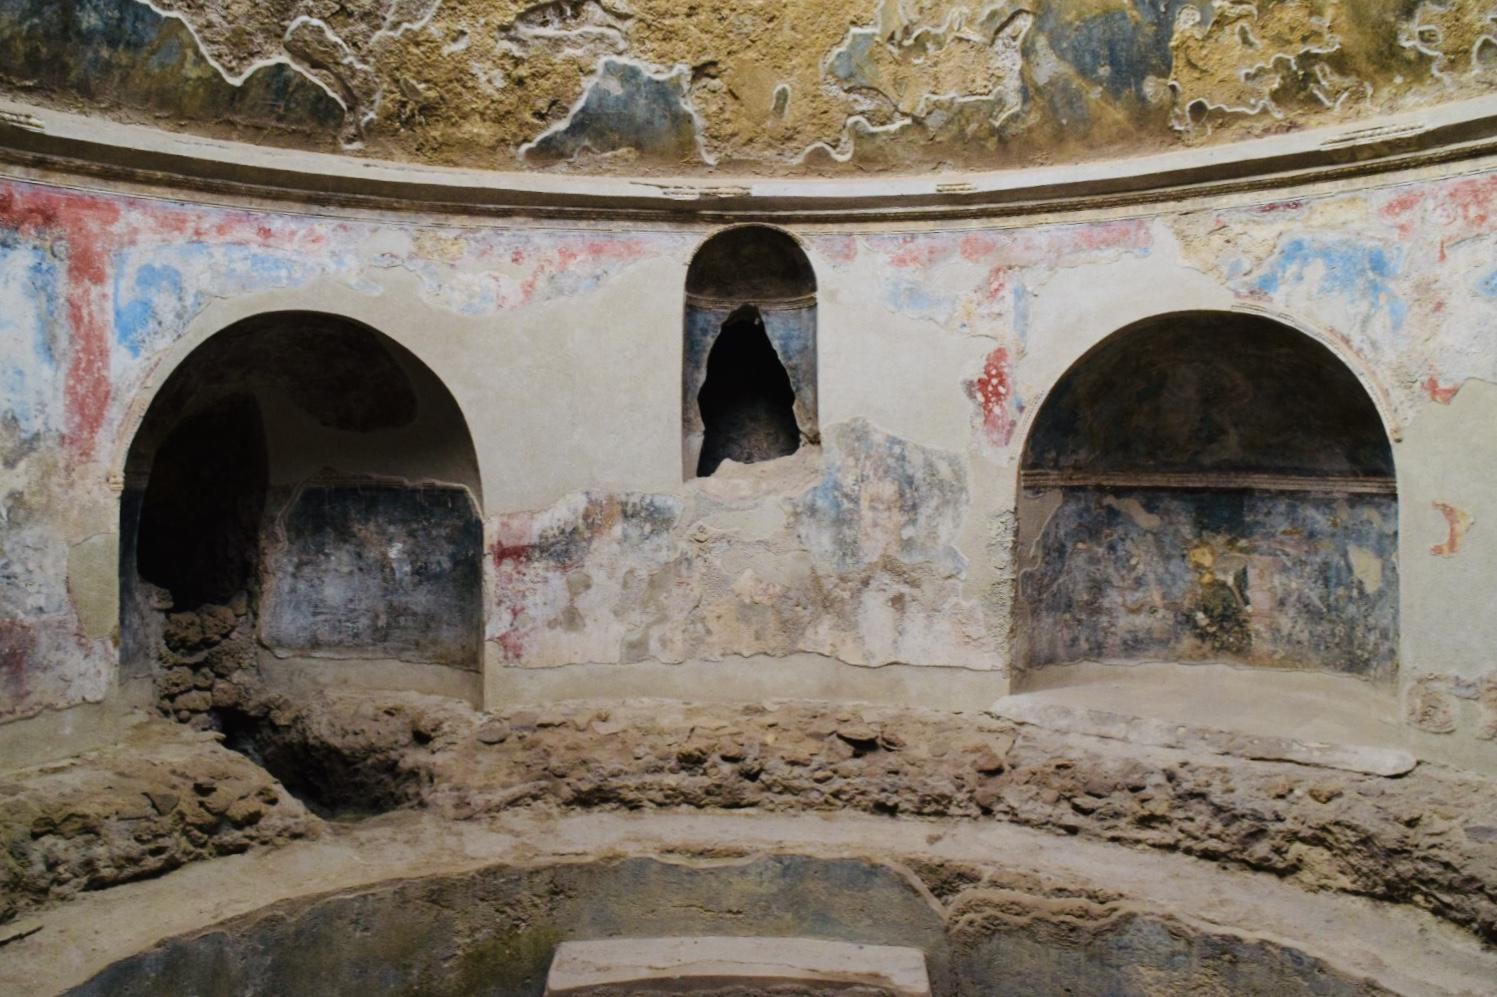 スタビアーネ浴場の内部